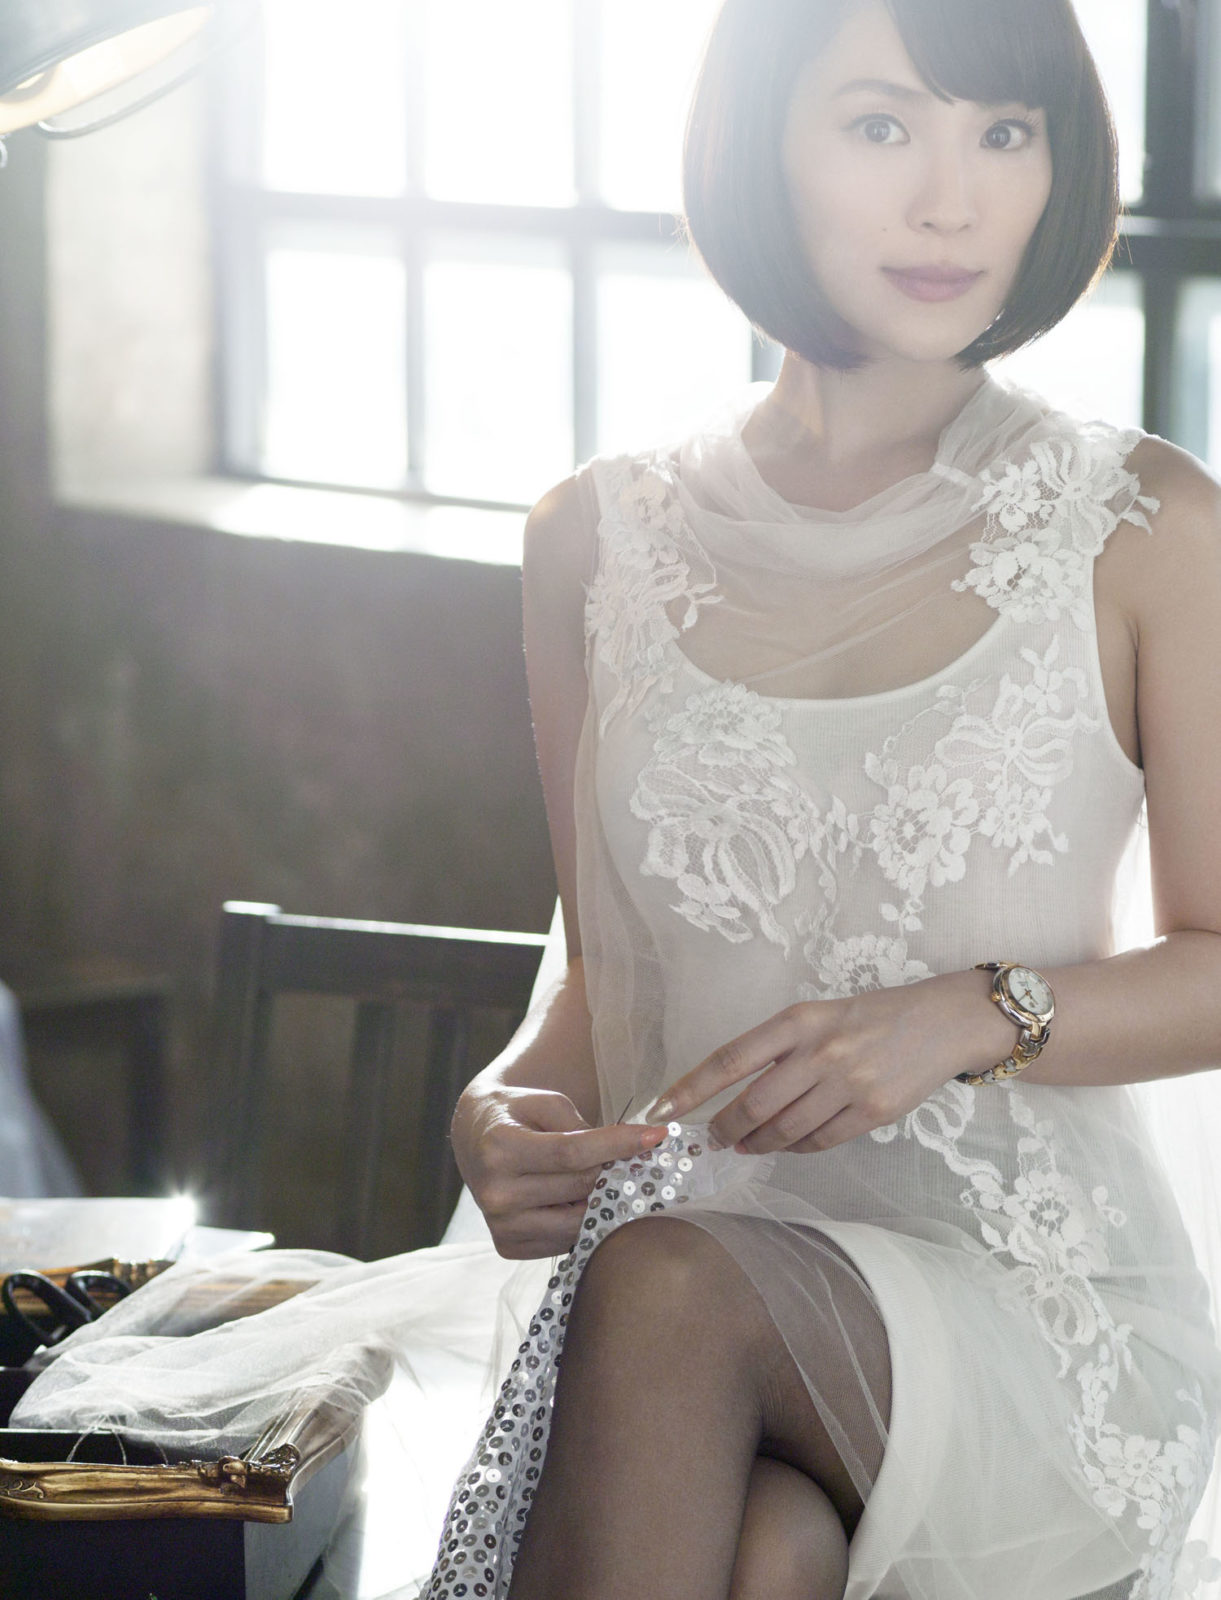 稲垣吾郎、過去の失恋について語る「ずーっと引きずってる恋って…」サムネイル画像